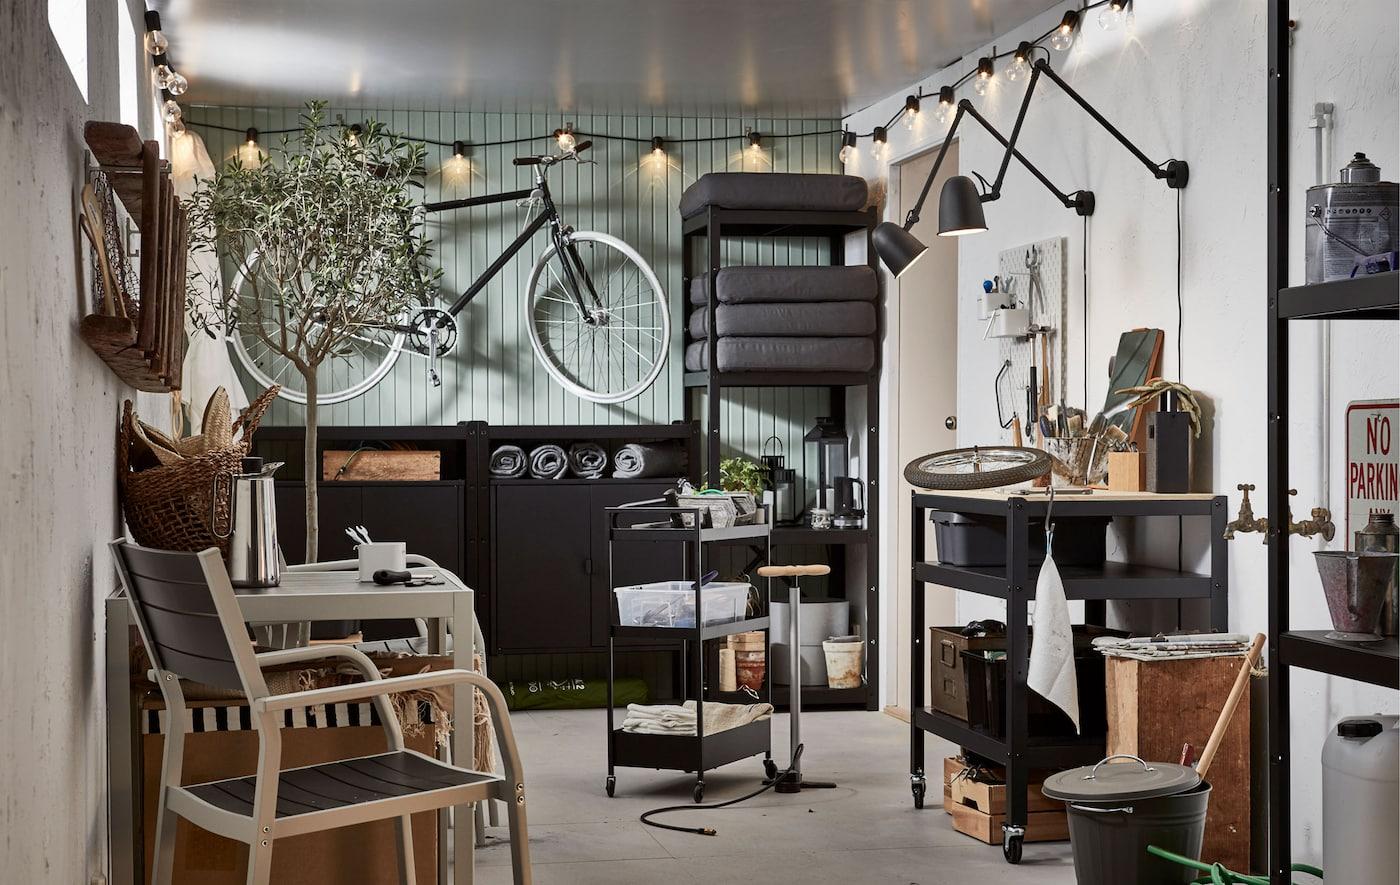 Lien vers la PAGE D'IDÉES «De l'espace de rangement pour l'hiver? Un atelier de réparation de vélo? Un coin de détente? Combinez-les!» – image d'un espace ayant l'apparence d'un garage avec un vélo suspendu à un mur.